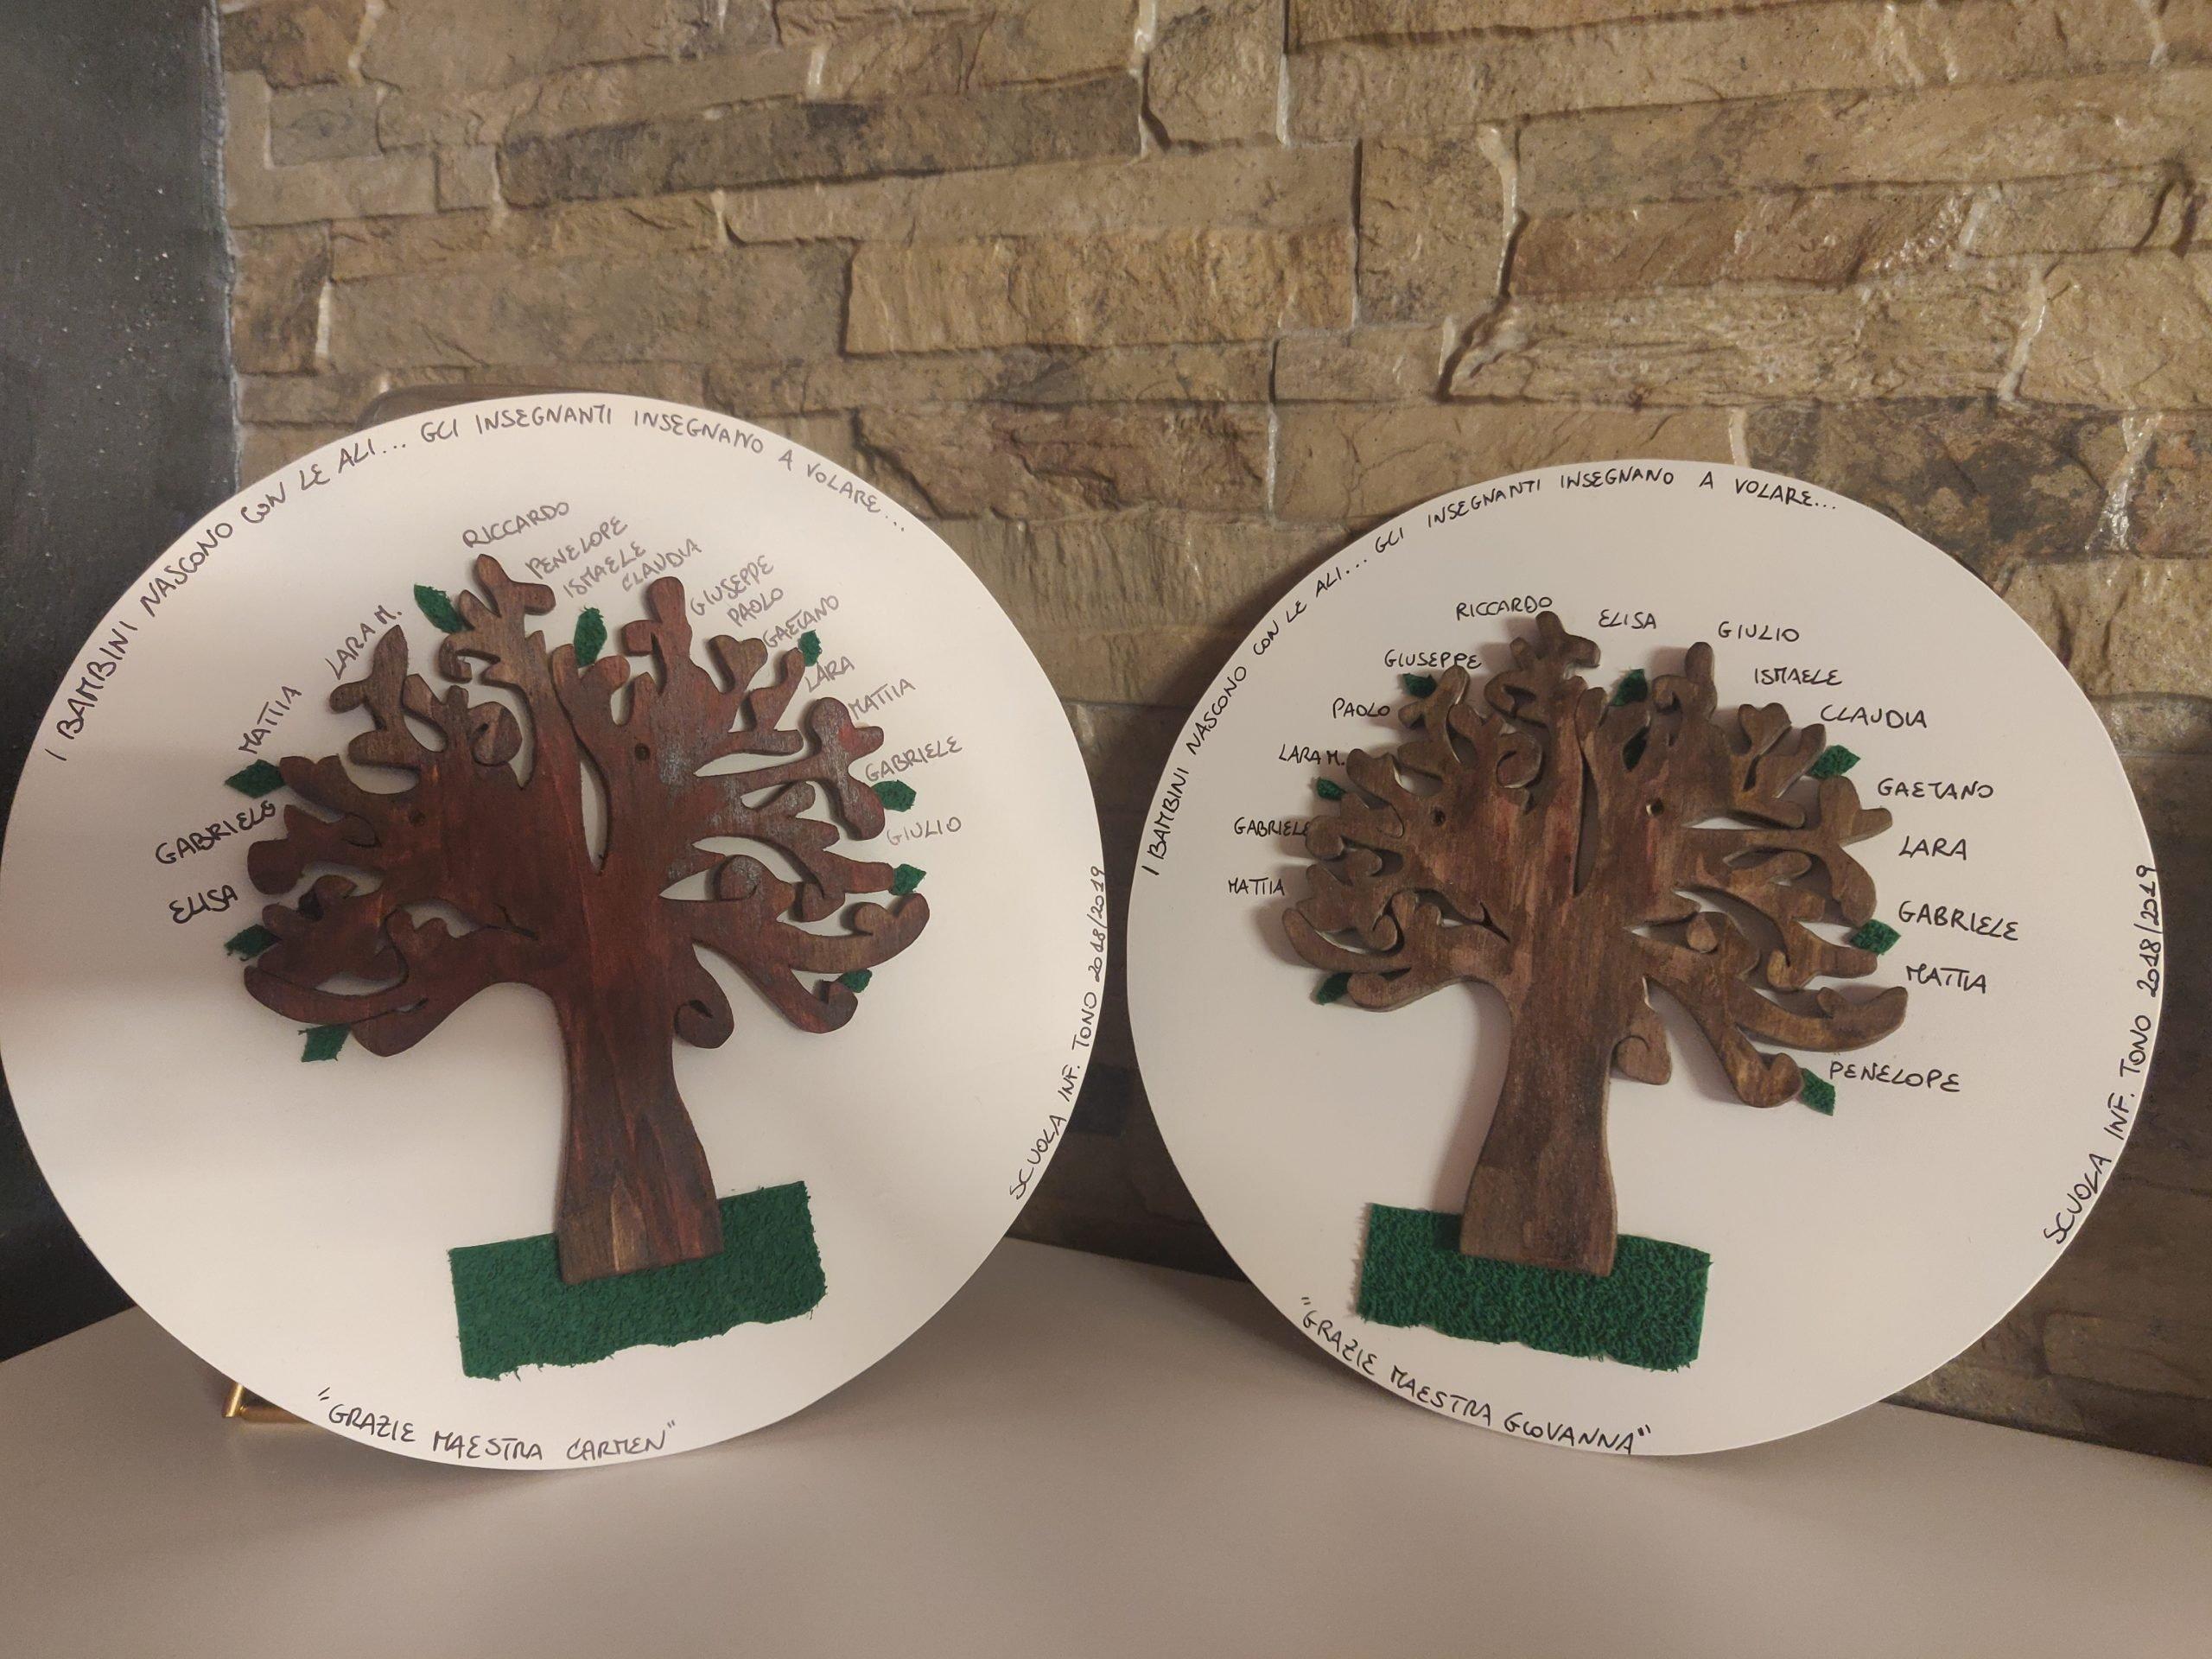 Lavoretti In Legno Per Natale albero della vita su piatto legno - artisticando-quadri